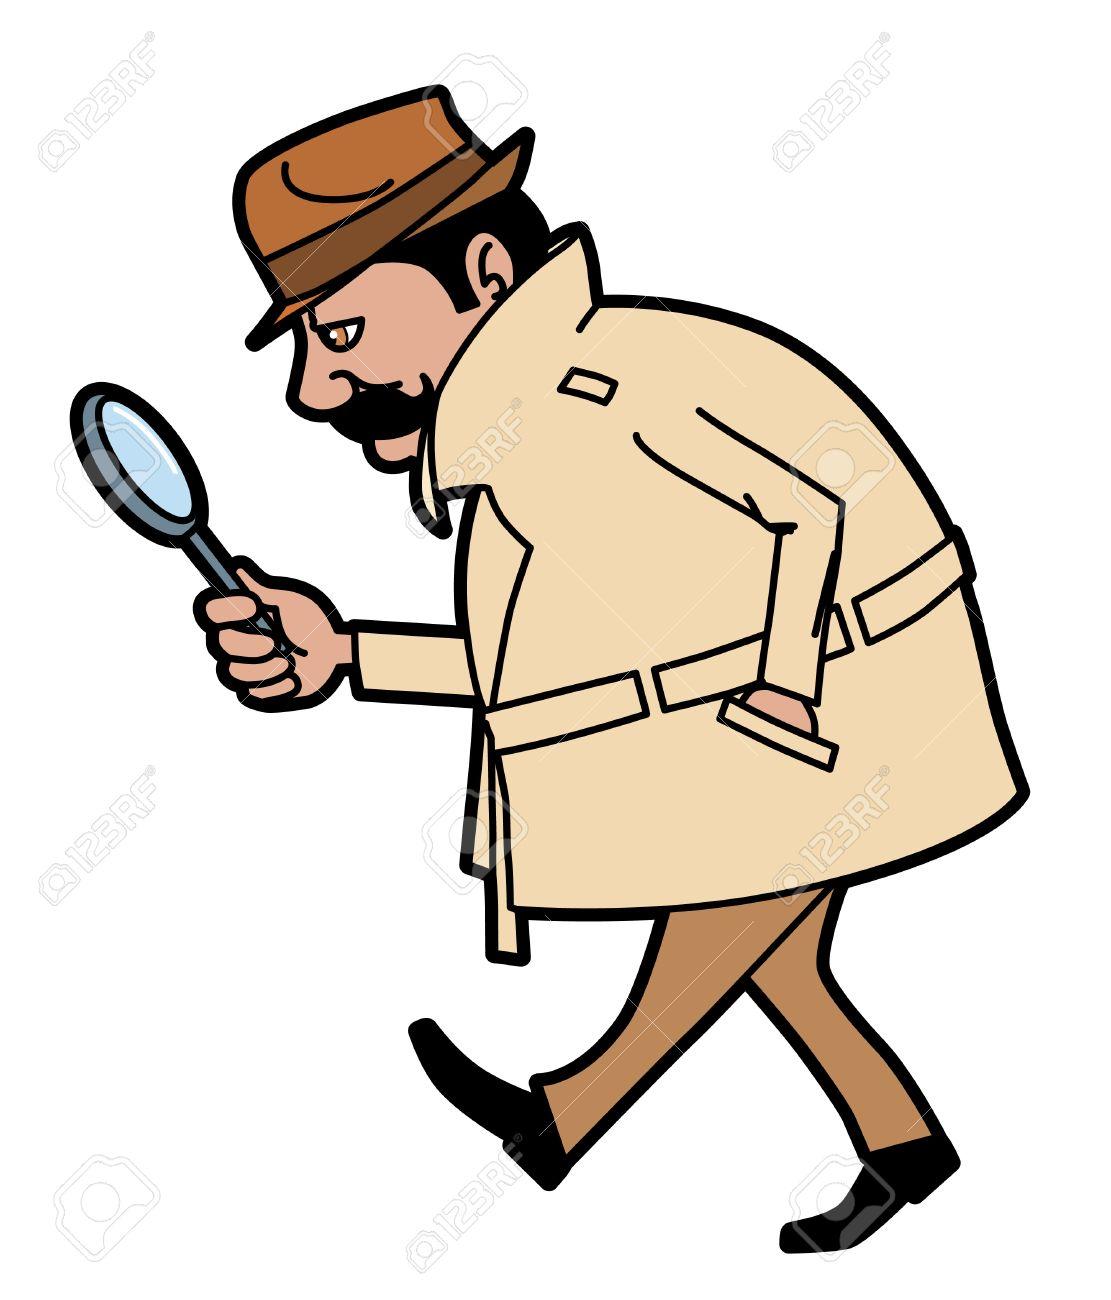 Resultado de imagen para buscando pistas